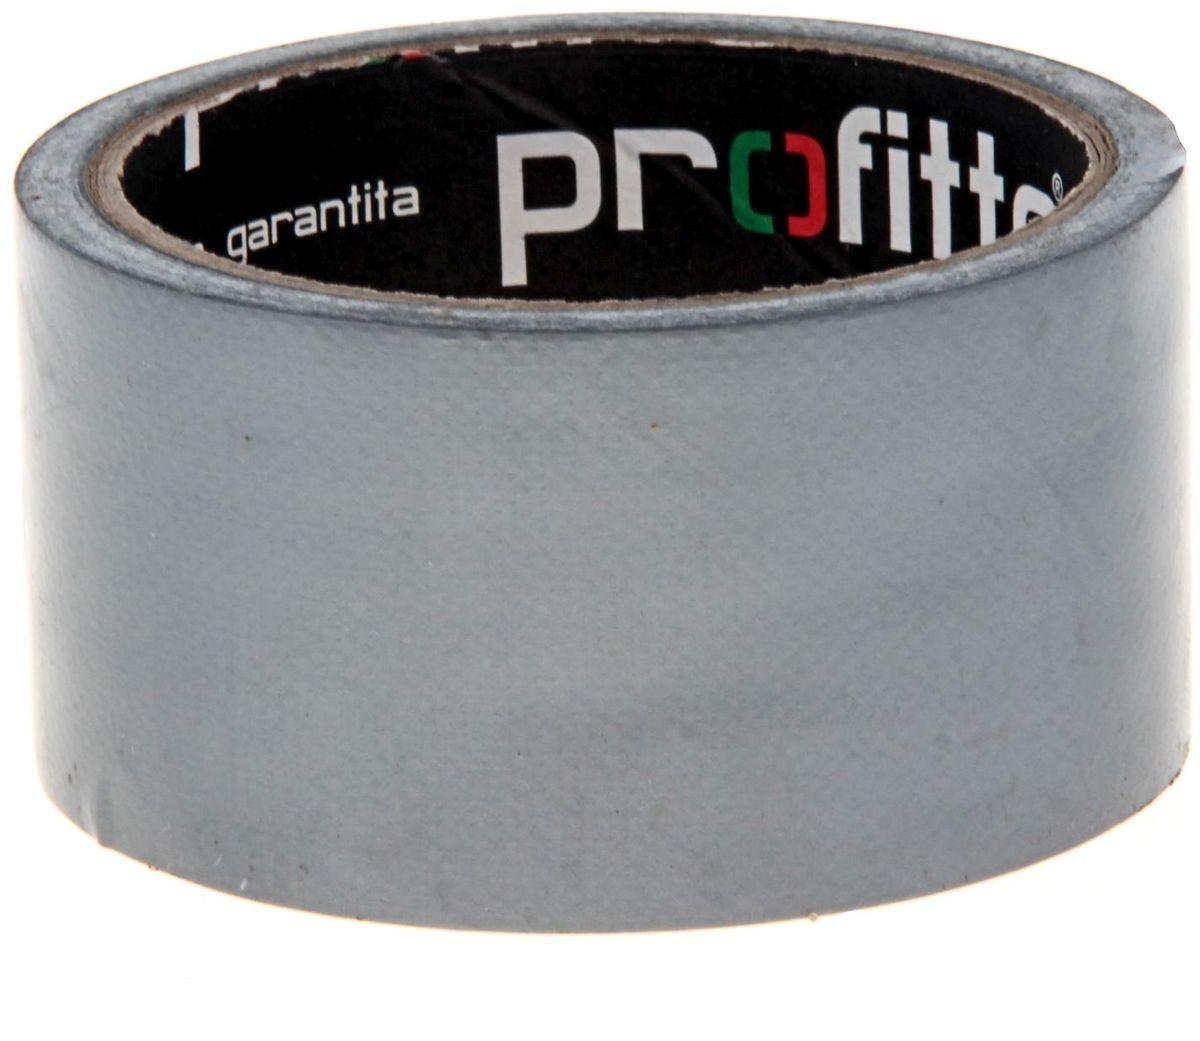 Клейкая лента армированная 48 мм х 10 м цвет серебристыйFS-00101Клейкая лента на полипропиленовой основе это водонепроницаемое изделие, которое способно противостоять широкому диапазону температур. Применяется в быту для упаковки: легких и тяжелых коробок, изготовленных из гофрокартона, строительных смесей, масложировой продукции и мороженого, канцелярских товаров, промышленных товаров. Клейкая лента поможет скрепить предметы в любой ситуации, например, если вы делаете ремонт или меняете место жительства и пакуете коробки.